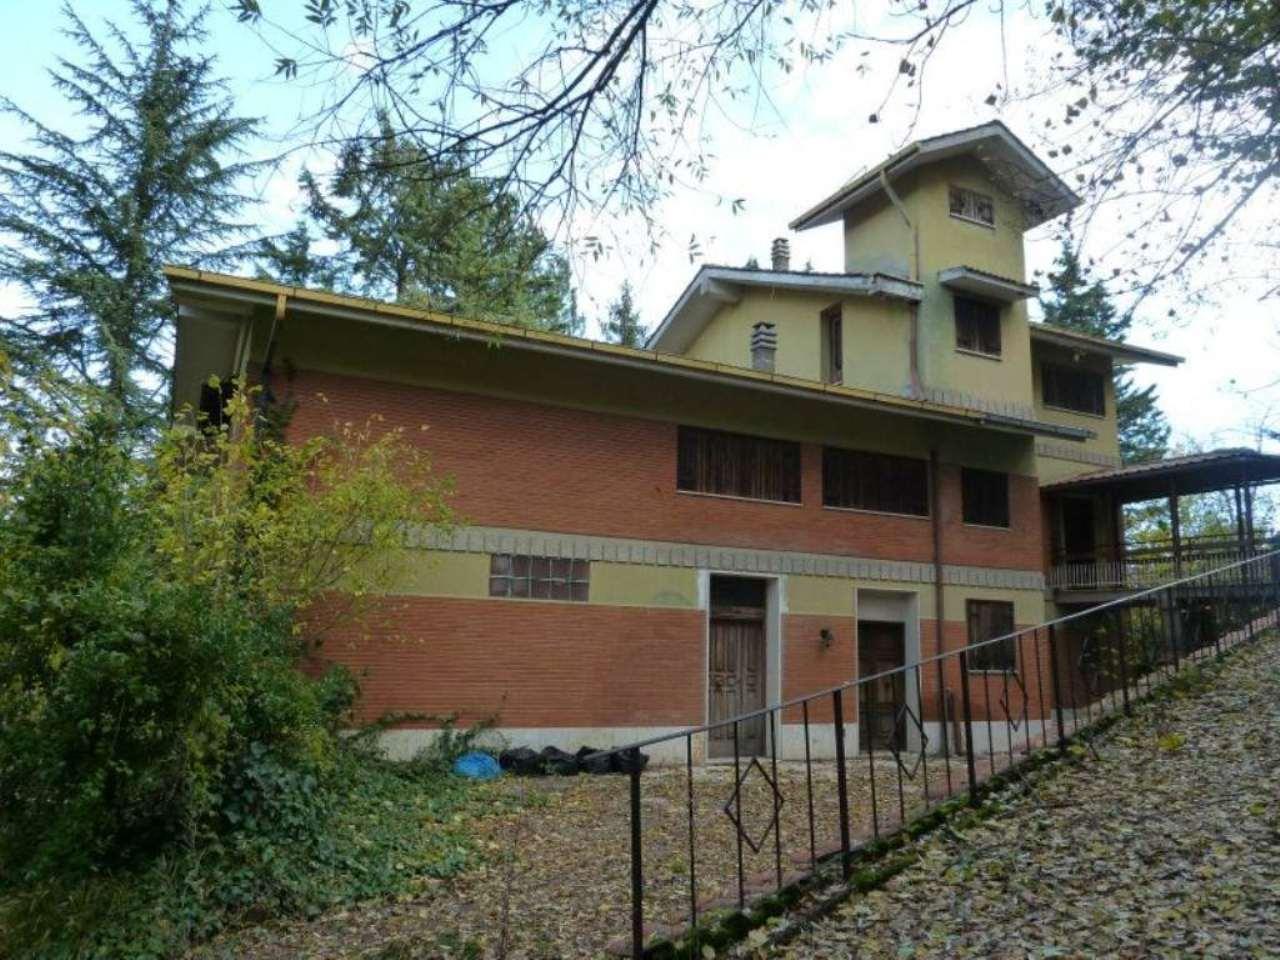 Villa in vendita a Riofreddo, 9999 locali, prezzo € 365.000 | Cambio Casa.it